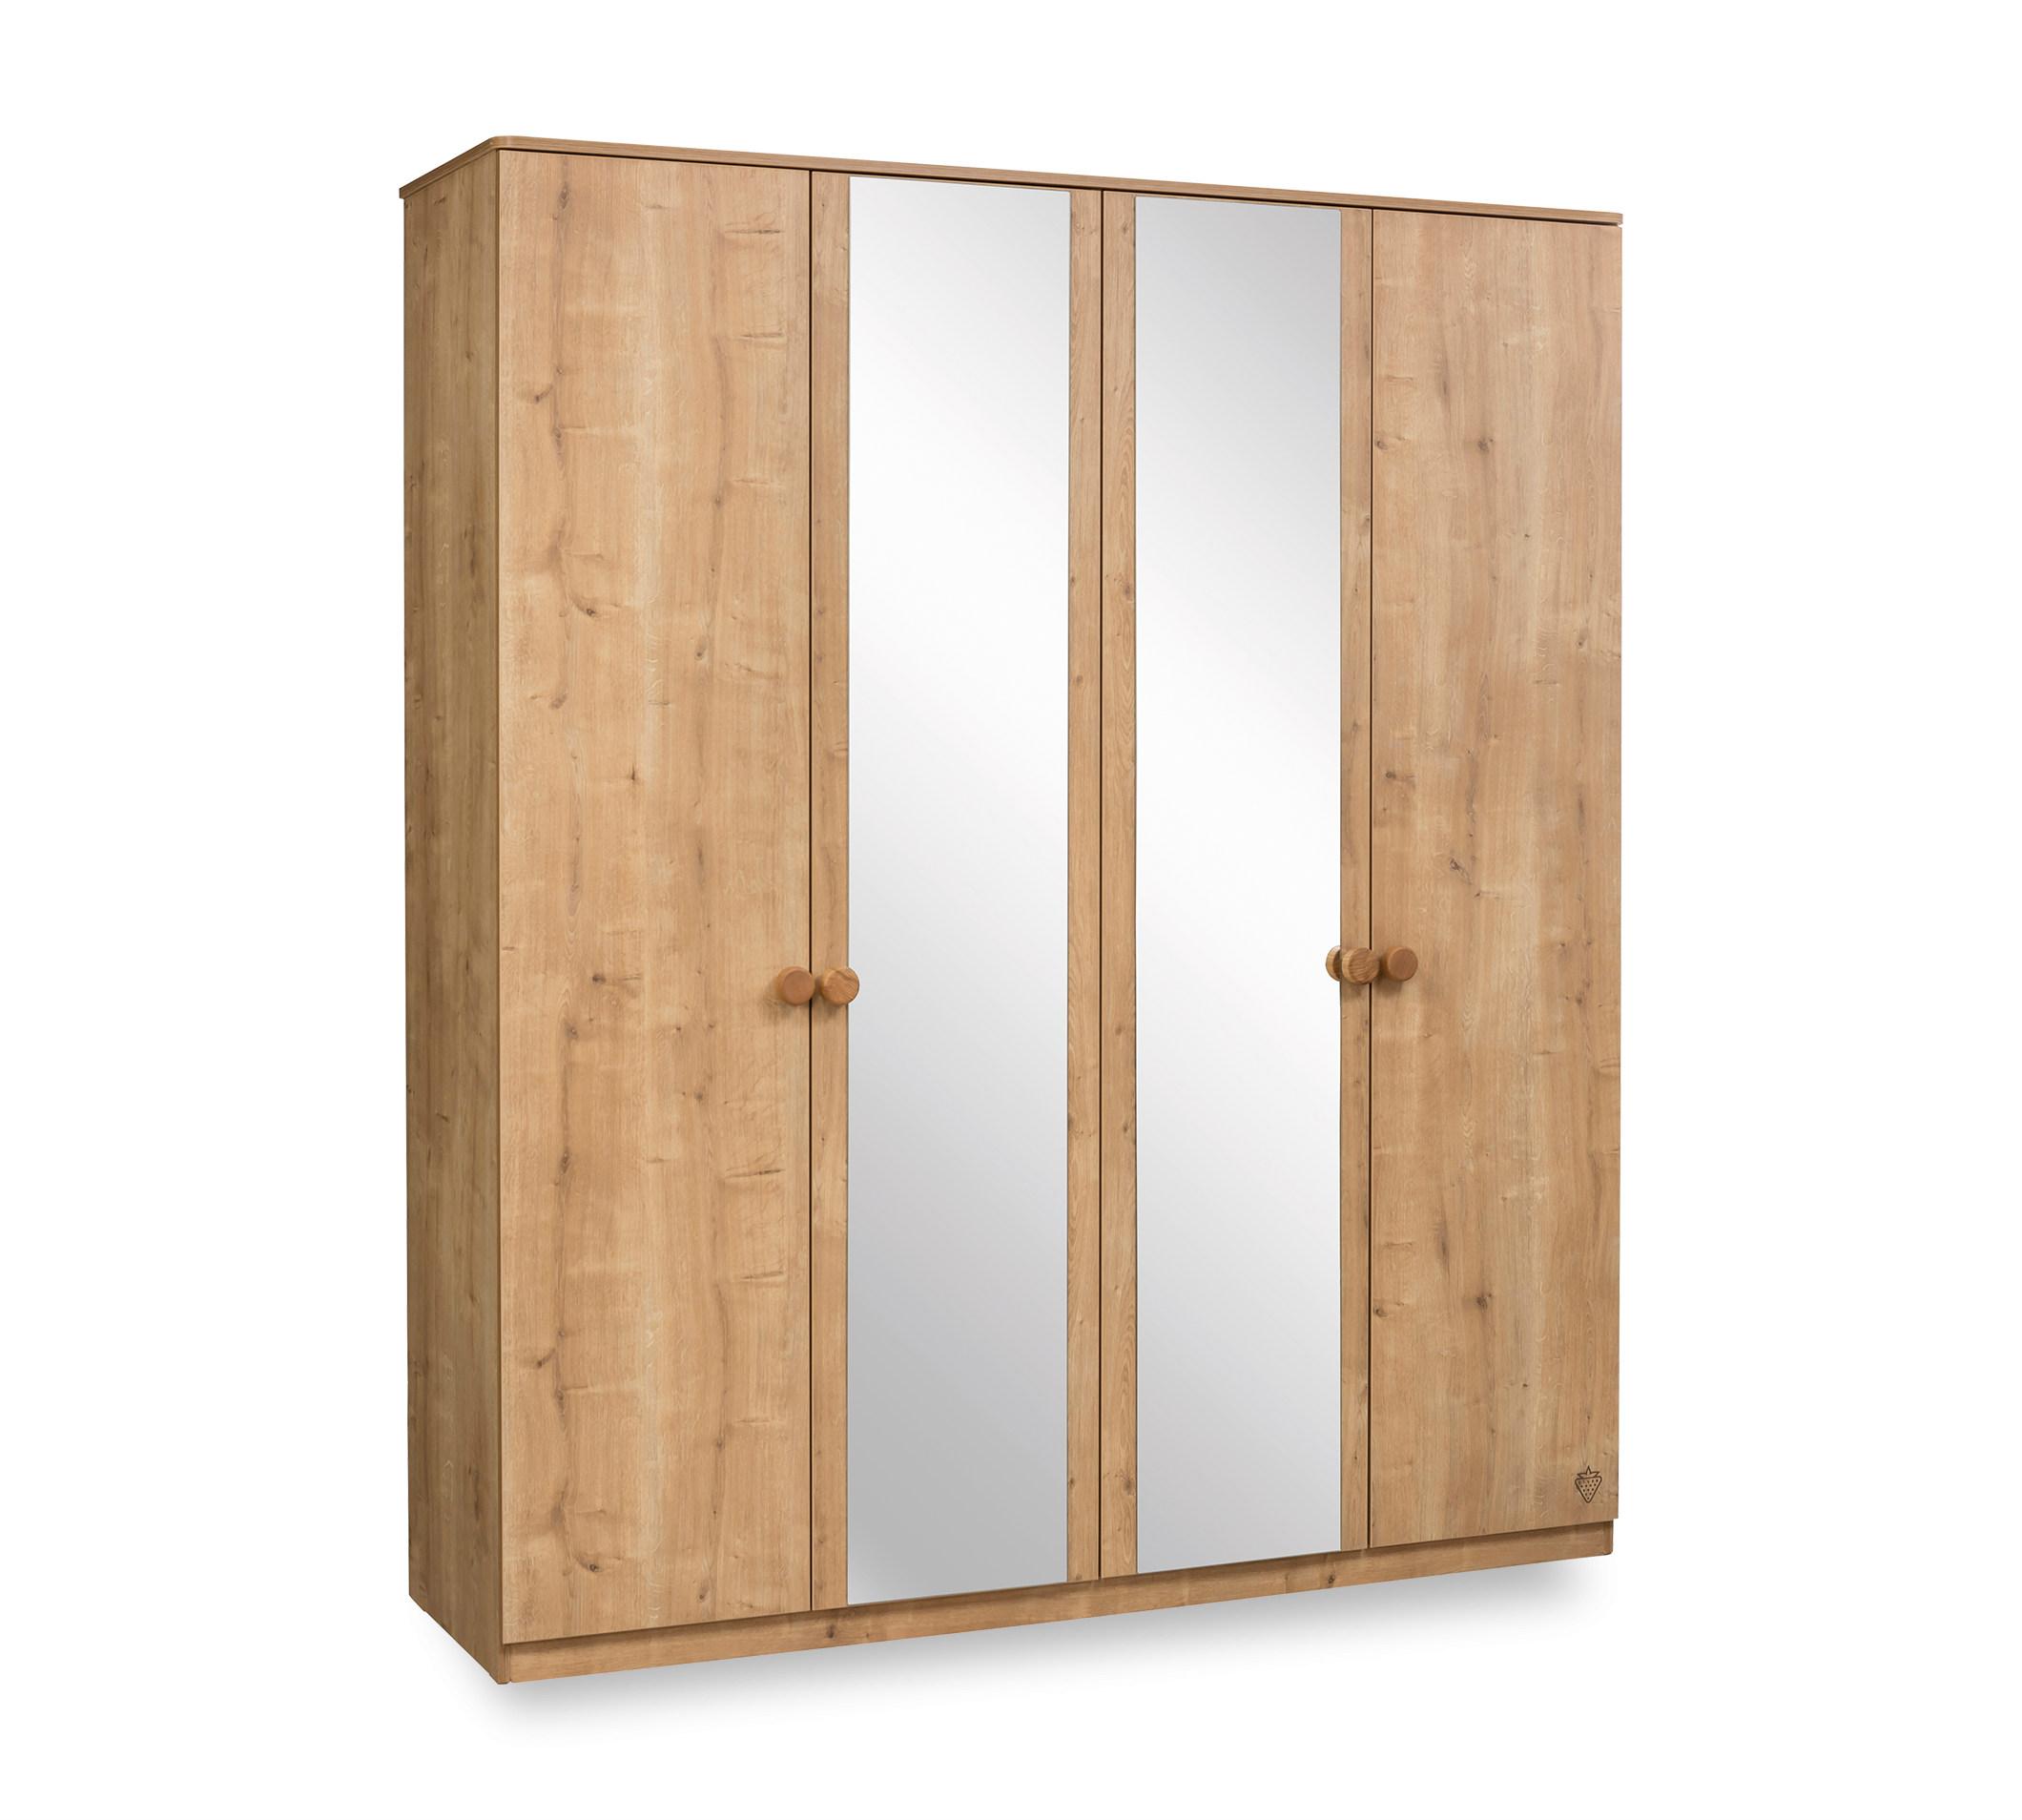 Купить Шкаф Cilek Natura четырехдверный, Шкафы в детскую комнату